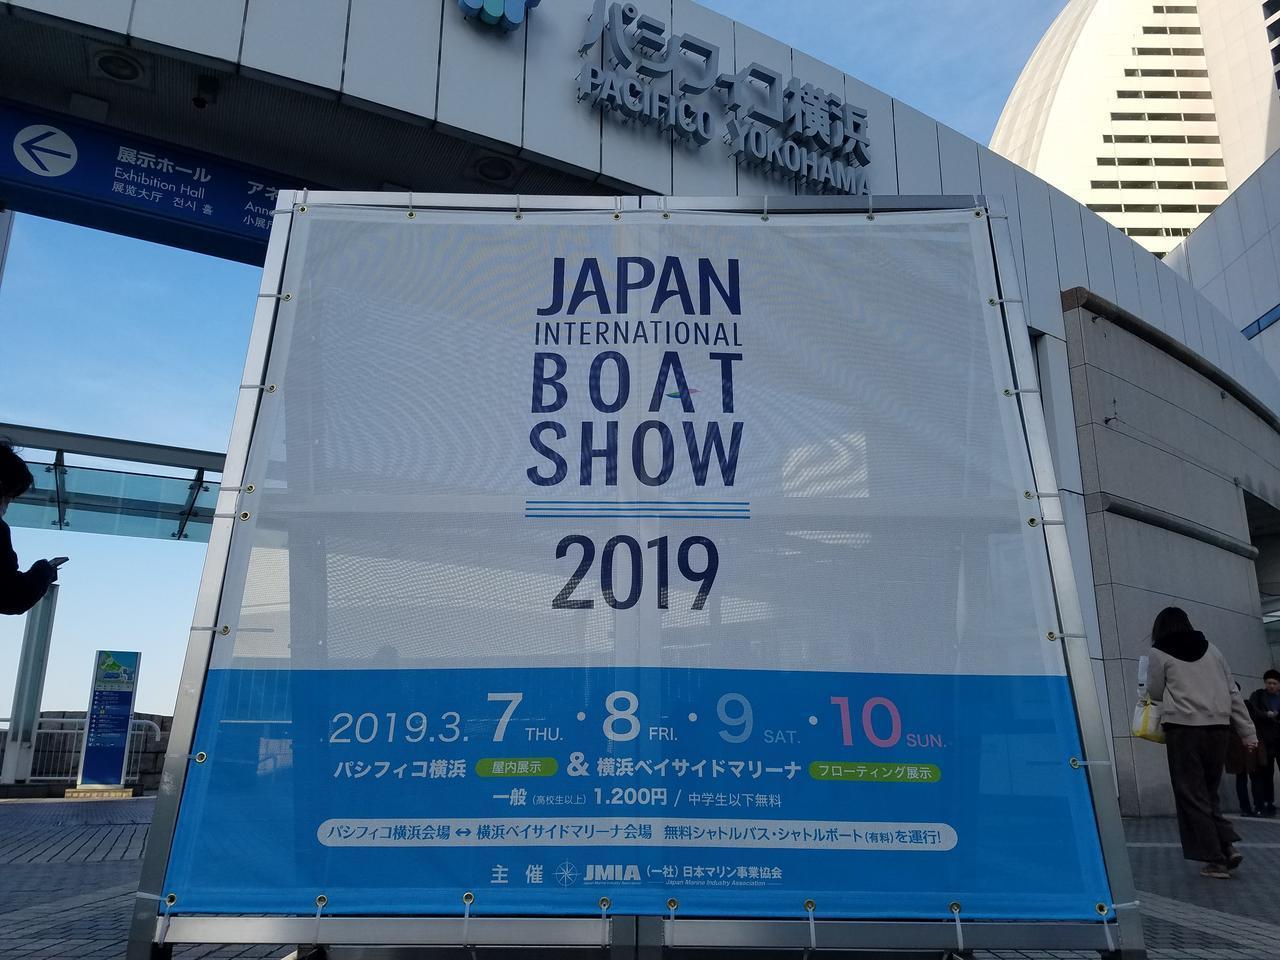 画像: ジャパンインターナショナルボートショー2019(撮影・編集部)